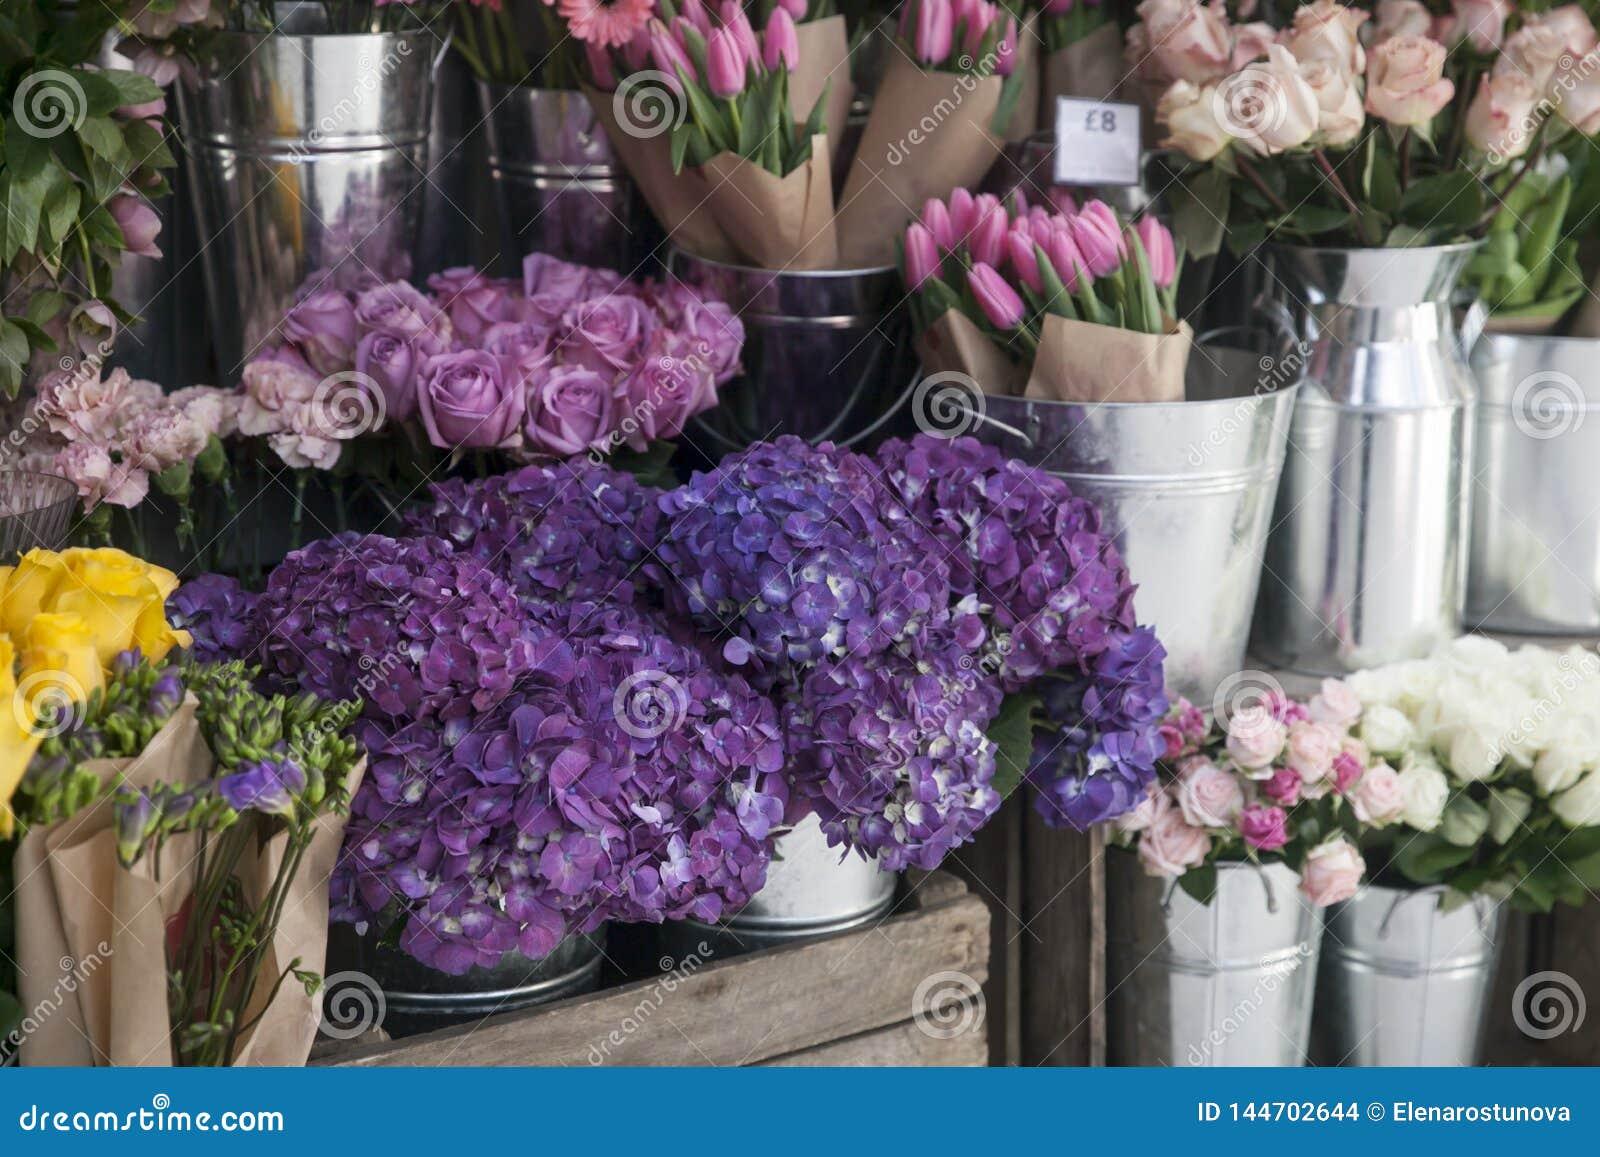 T?pfe mit sch?nem bl?hendem Rosa und purpurrote Hortensieblumen f?r Verkauf au?erhalb des Blumenladens Gartenspeichereingang verz